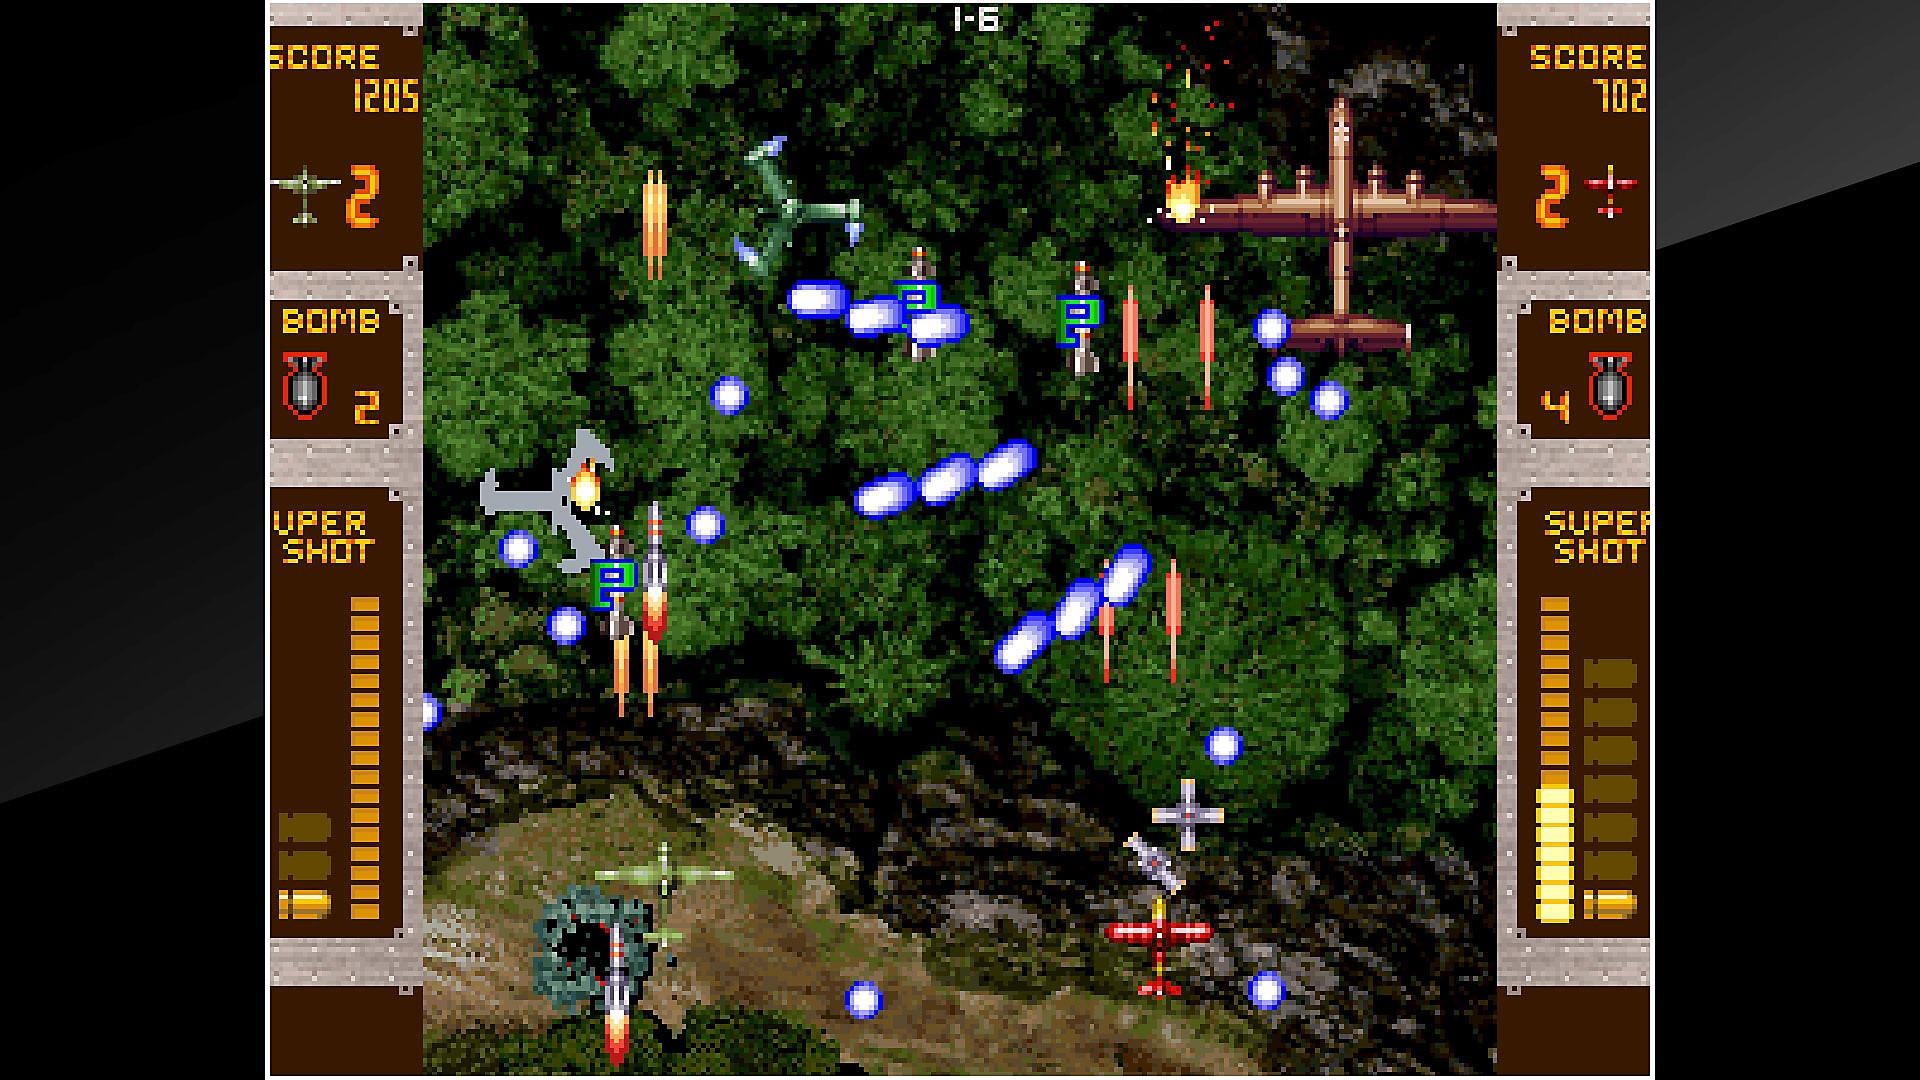 ACA NEOGEO STRIKERS 1945 PLUS Game | PS4 - PlayStation